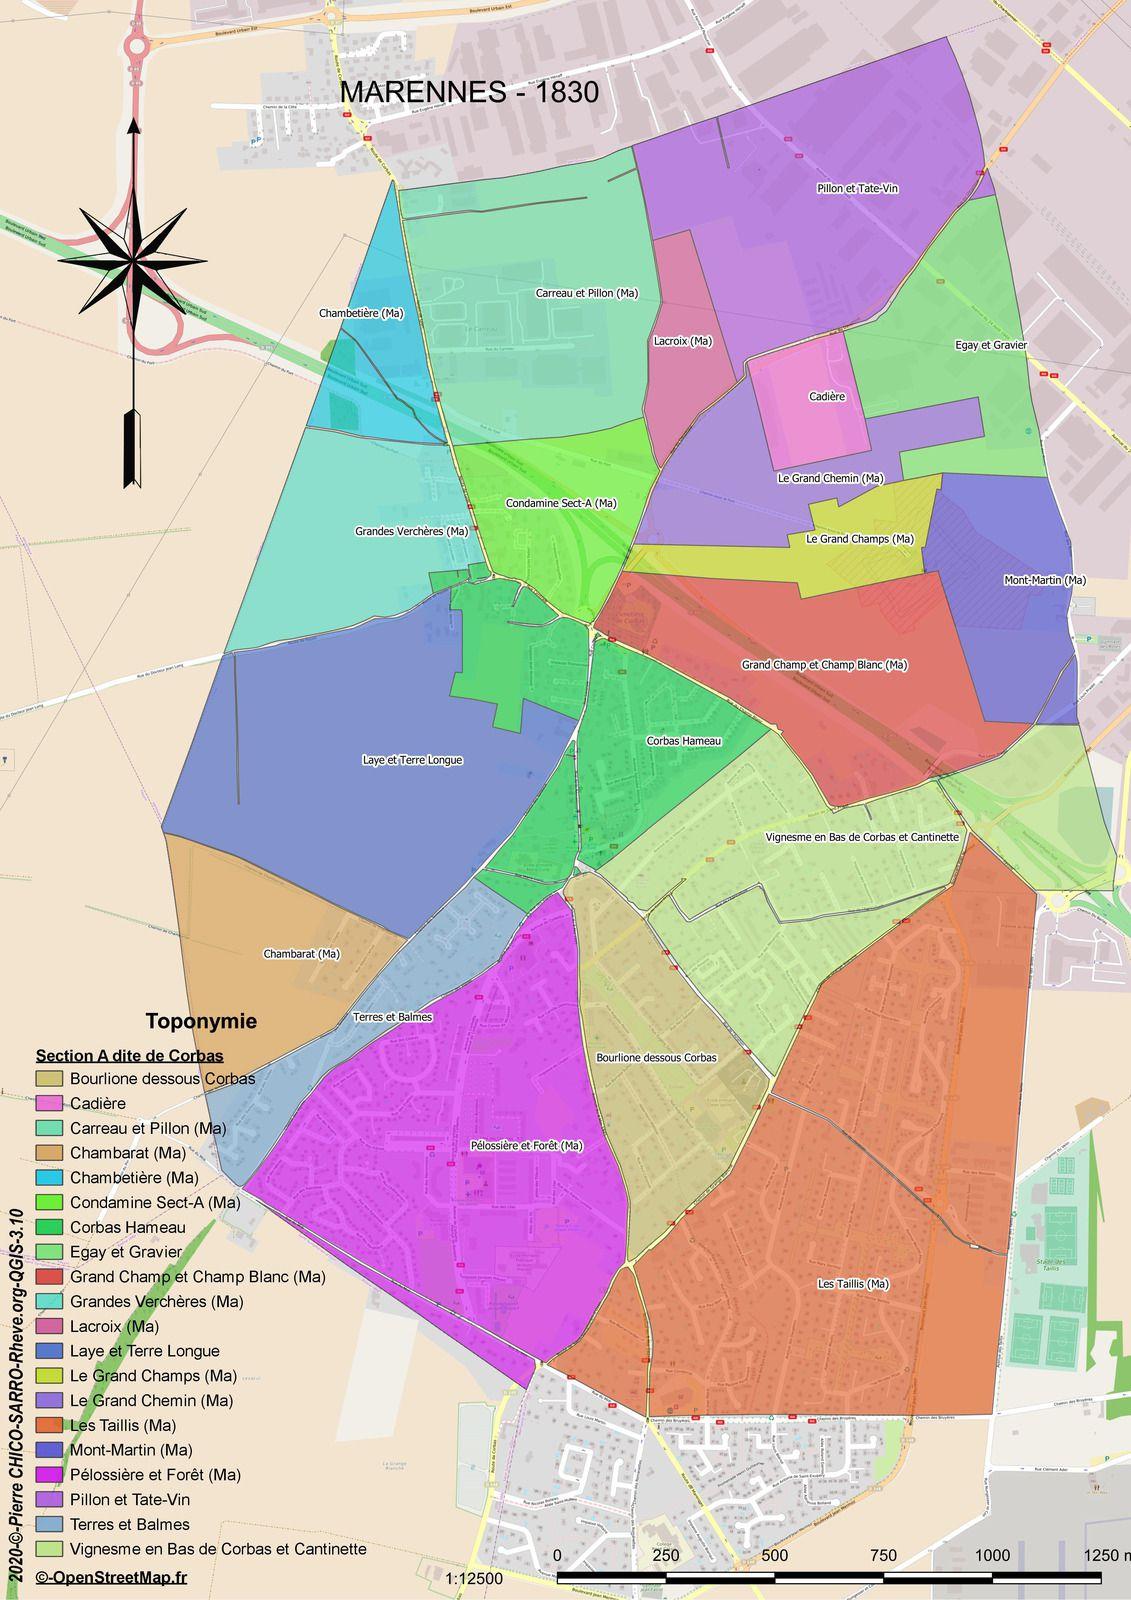 Distribution des toponymes de la Section A dite de Corbas à Marennes en 1830